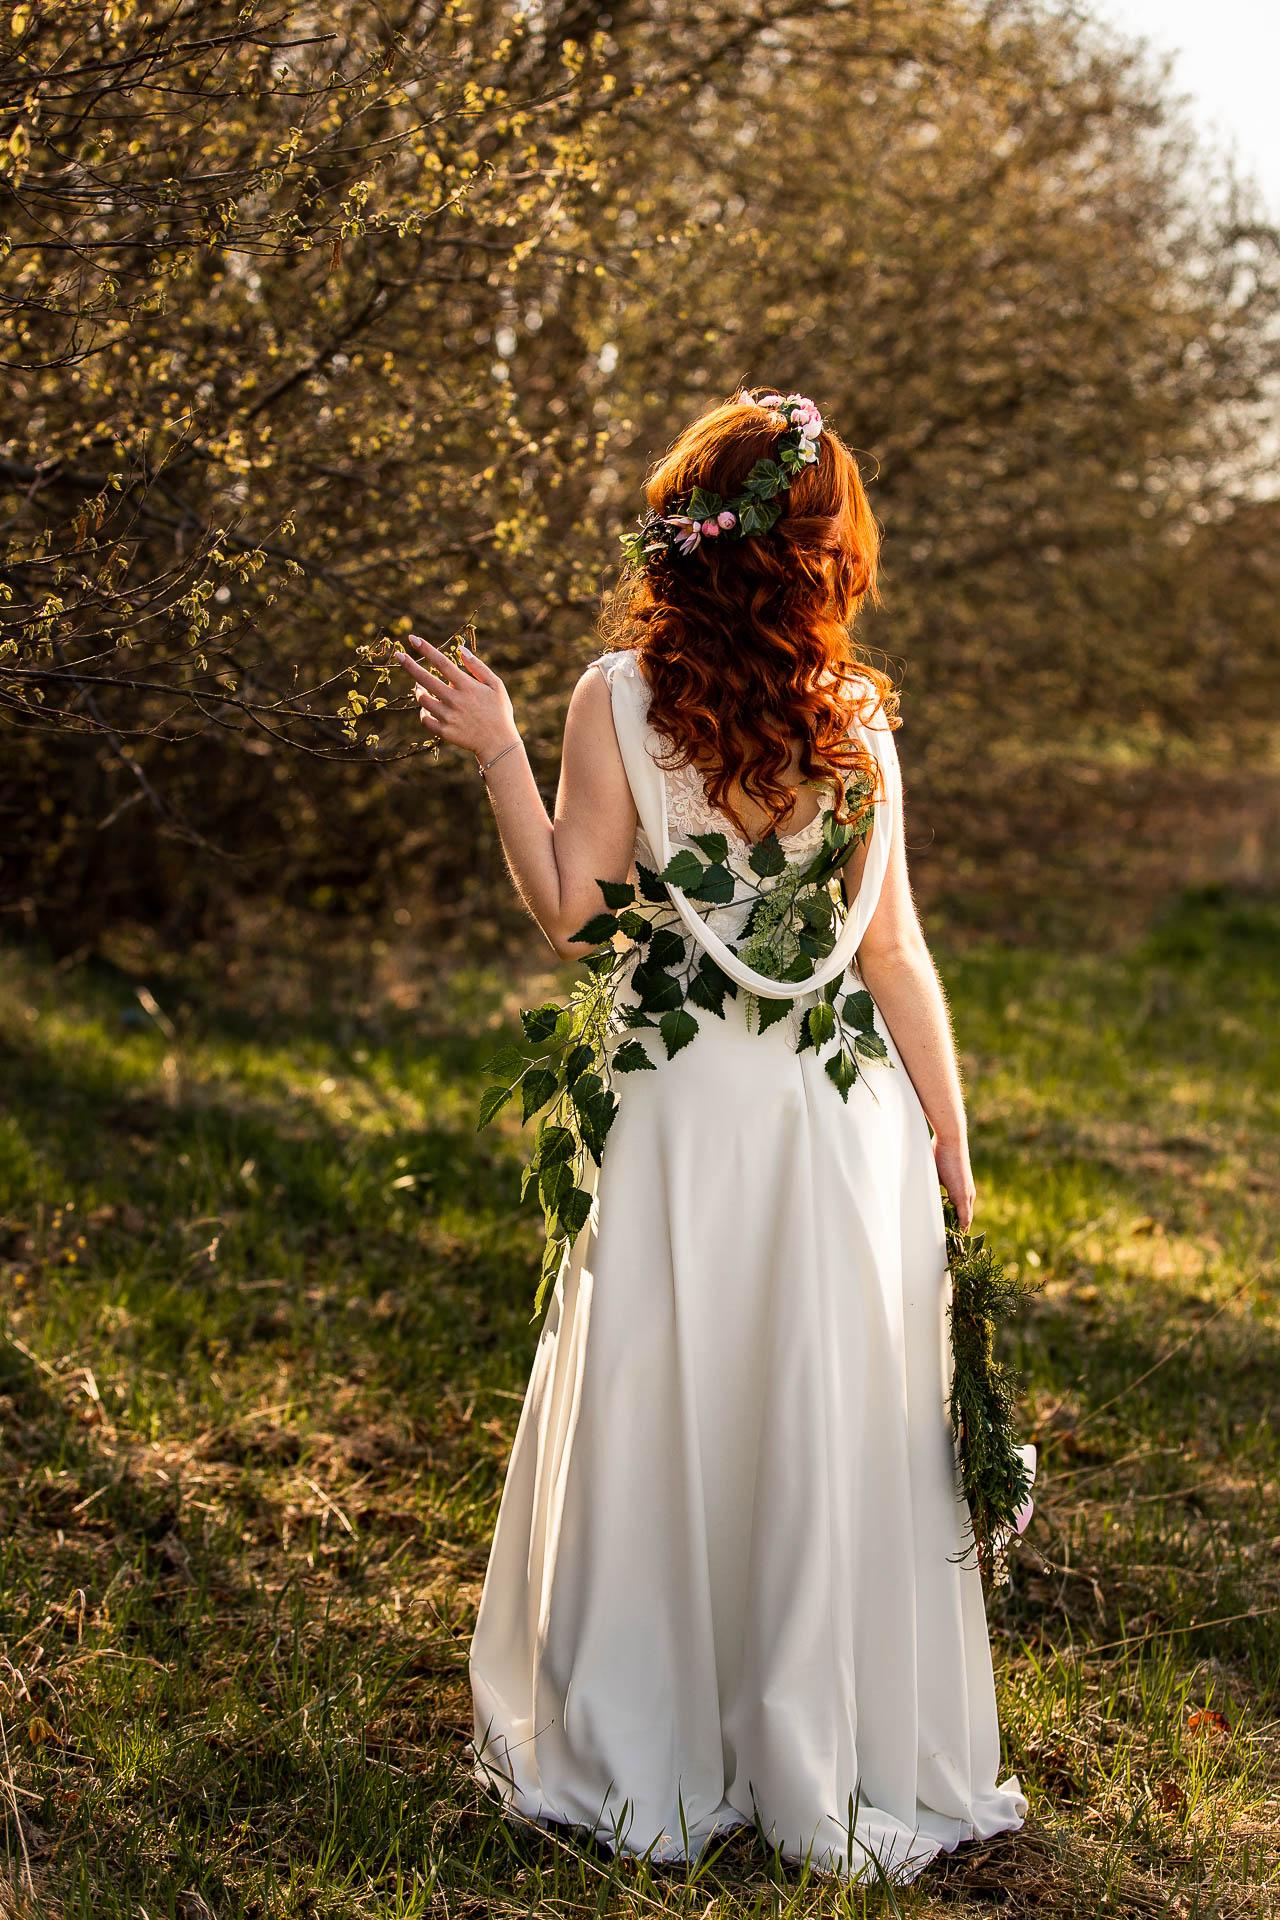 Stoi odwrócona tyłem. Widać fryzura ślubna i wianek ślubny na głowie.